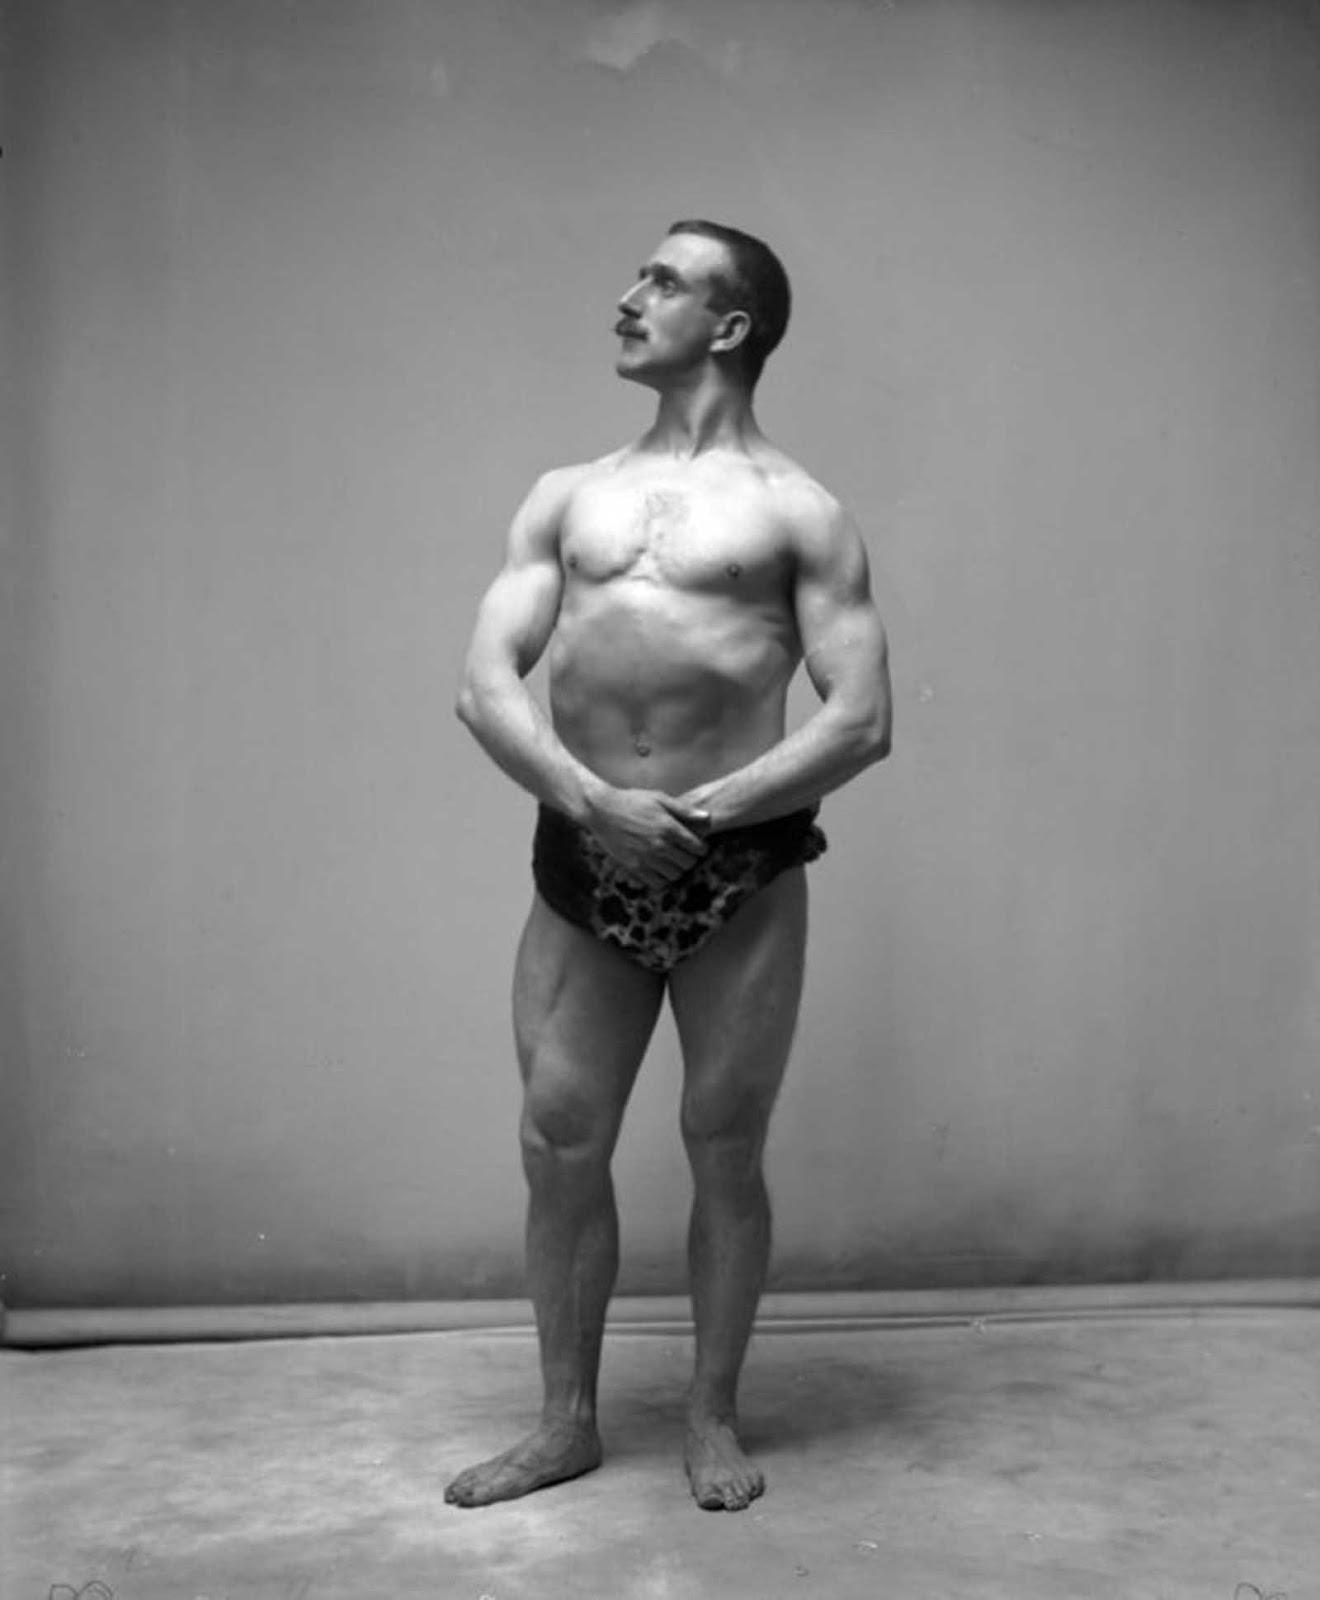 Mostrando músculos